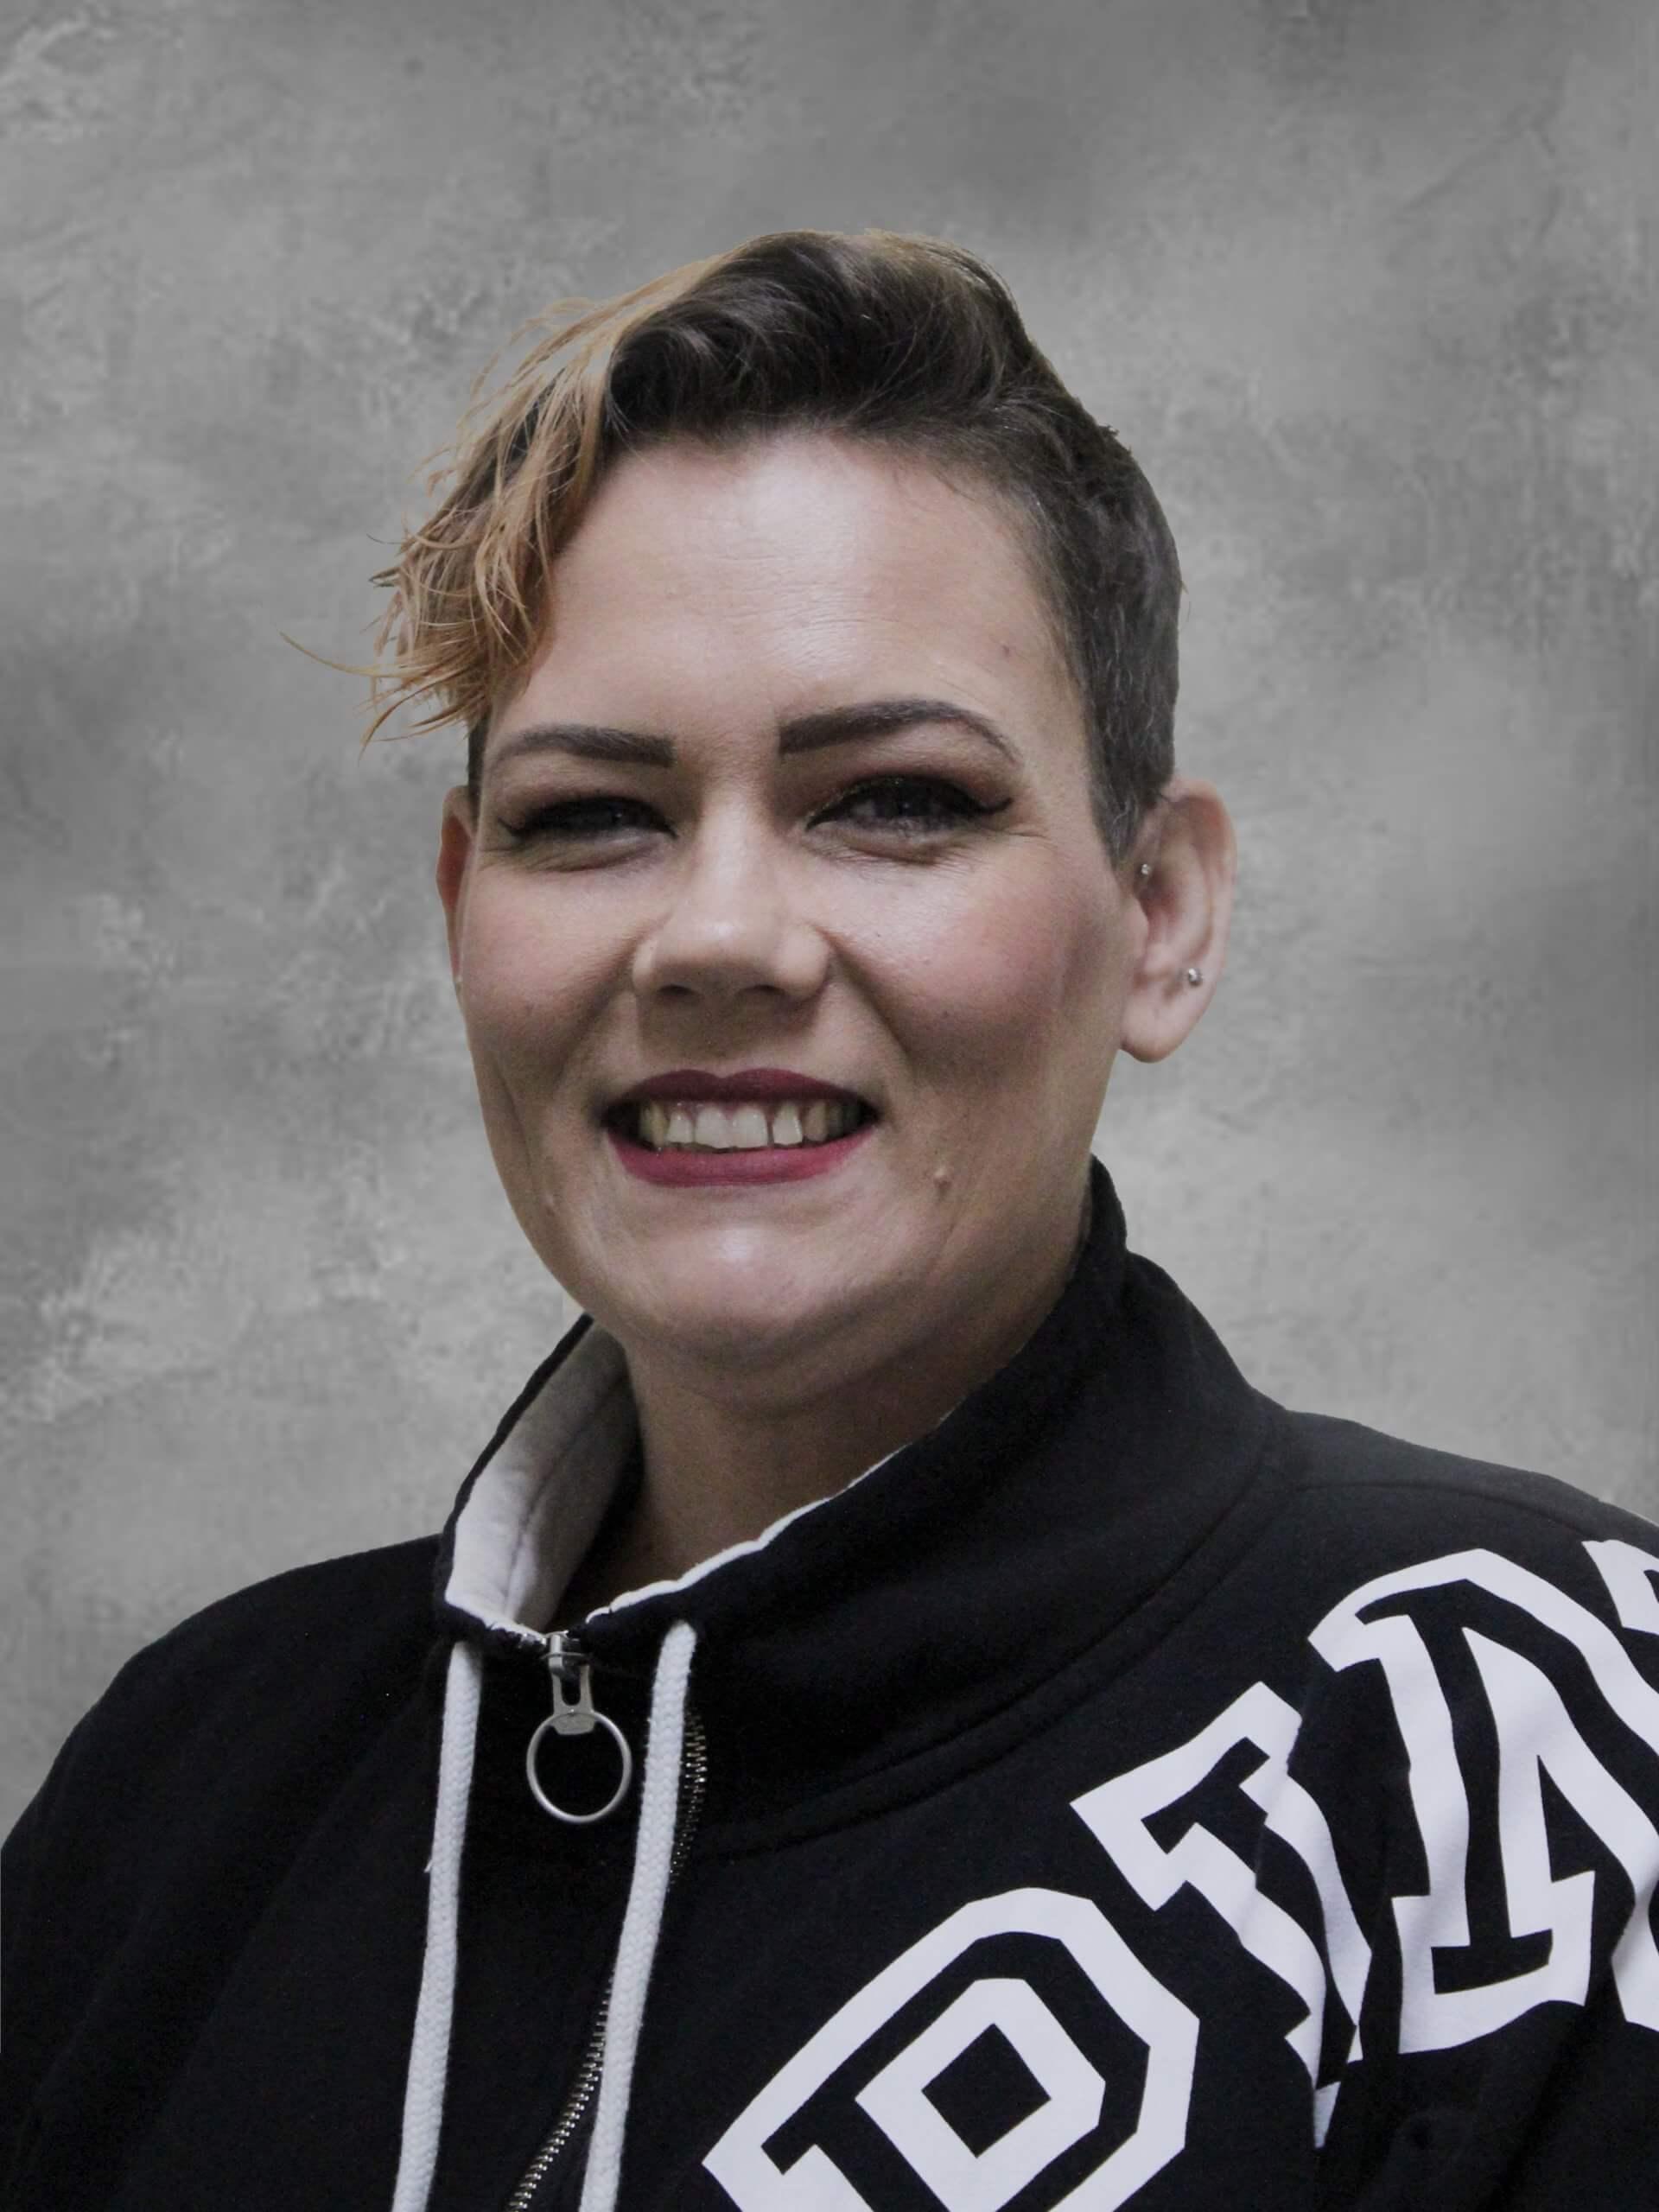 Amanda Baisden-Bell